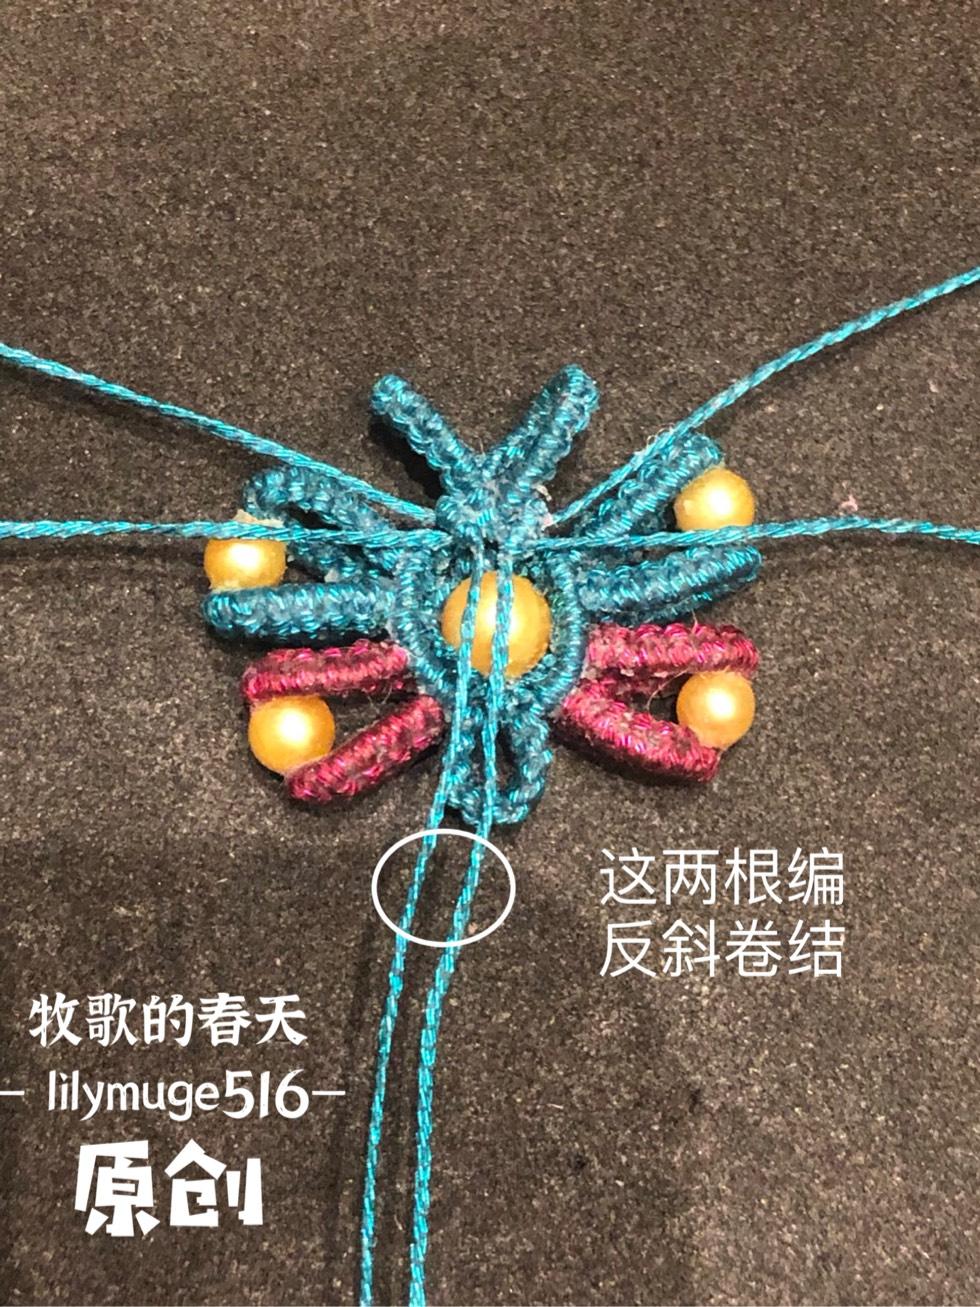 中国结论坛 原创 小蝴蝶教程 教程,蝴蝶手工折纸步骤图,小蝴蝶花朵的钩法视频,小蝴蝶怎么做手工,手工编织小蝴蝶教程 图文教程区 102544o860hsxsi3eie8p3